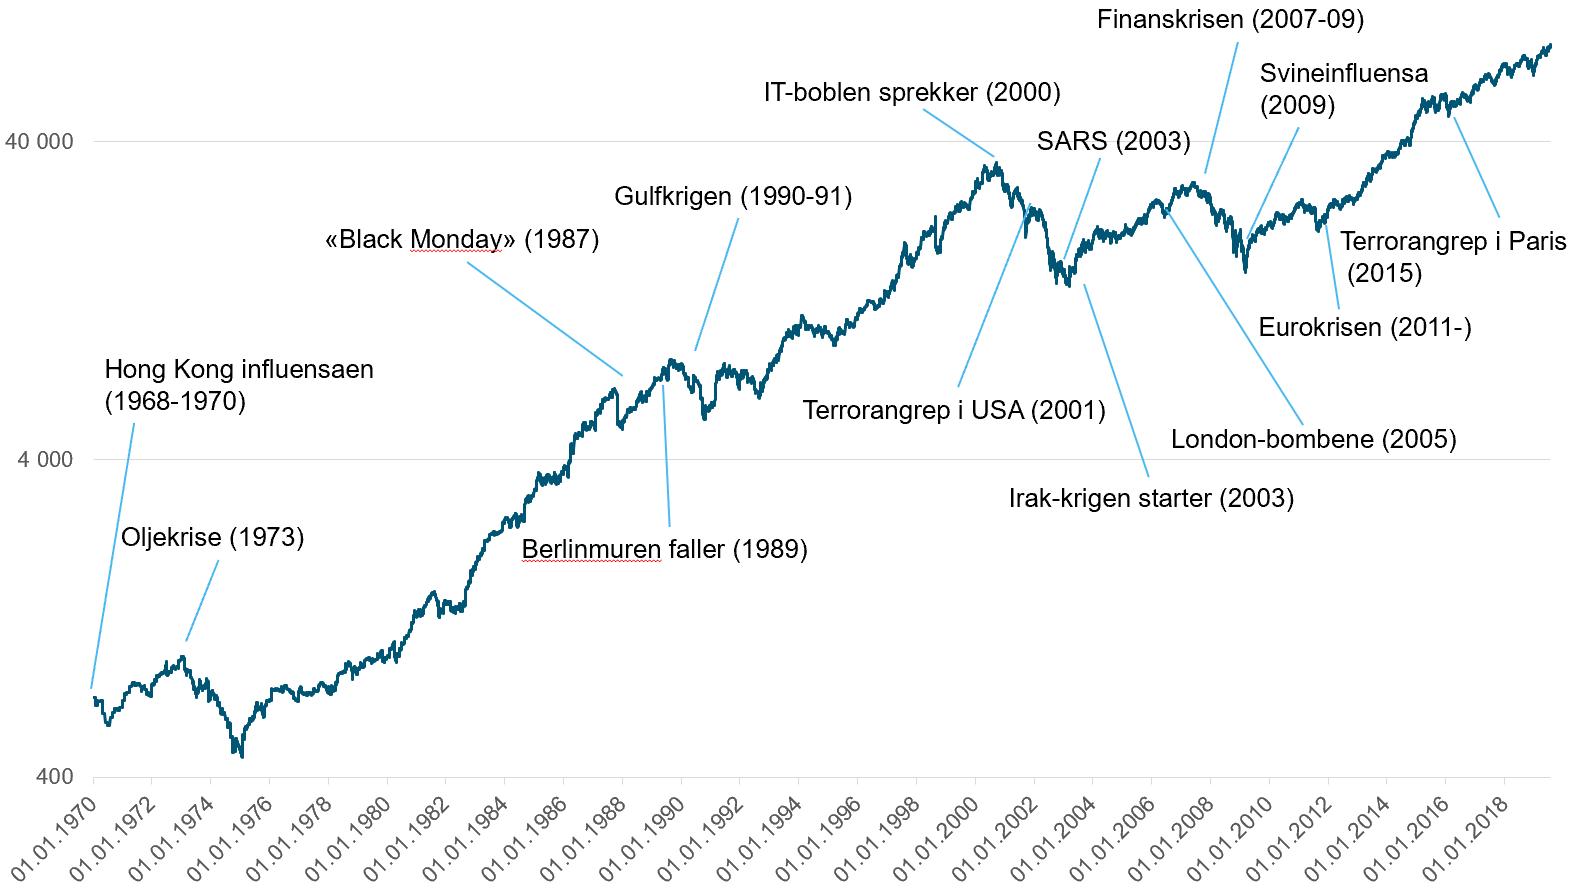 Her ser du hvordan det globale aksjemarkedet(MSCI World) har kommet seg gjennom en rekke kriser siden 1970 til og med 2019.